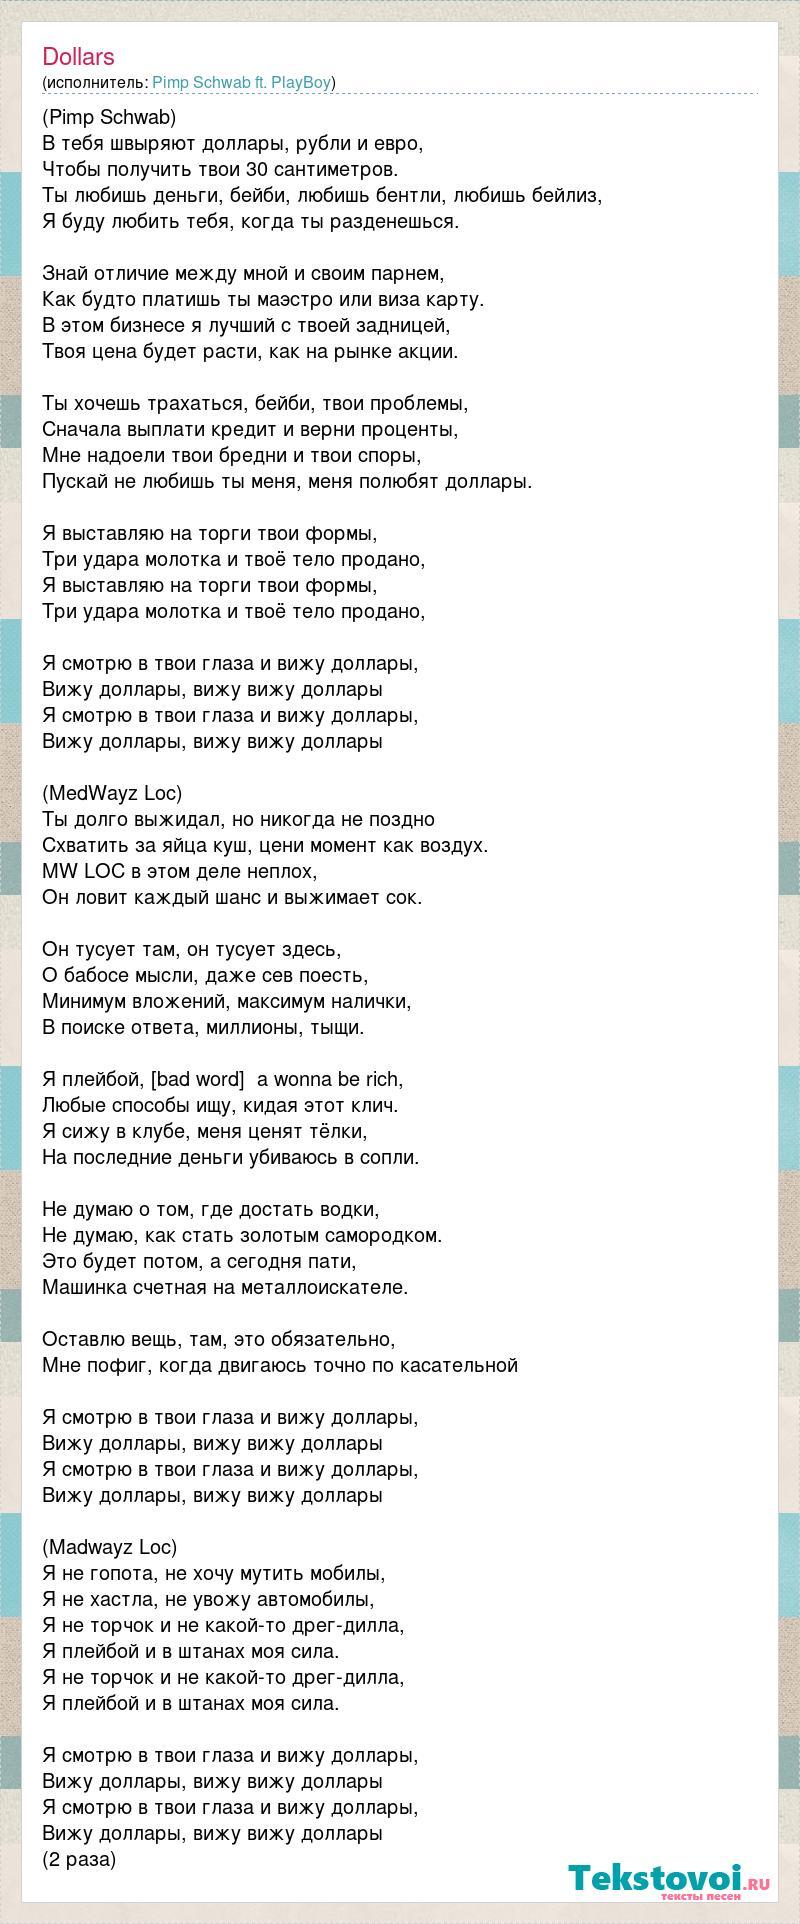 tolstaya-kto-to-trahalsya-so-svoim-tekstom-devushki